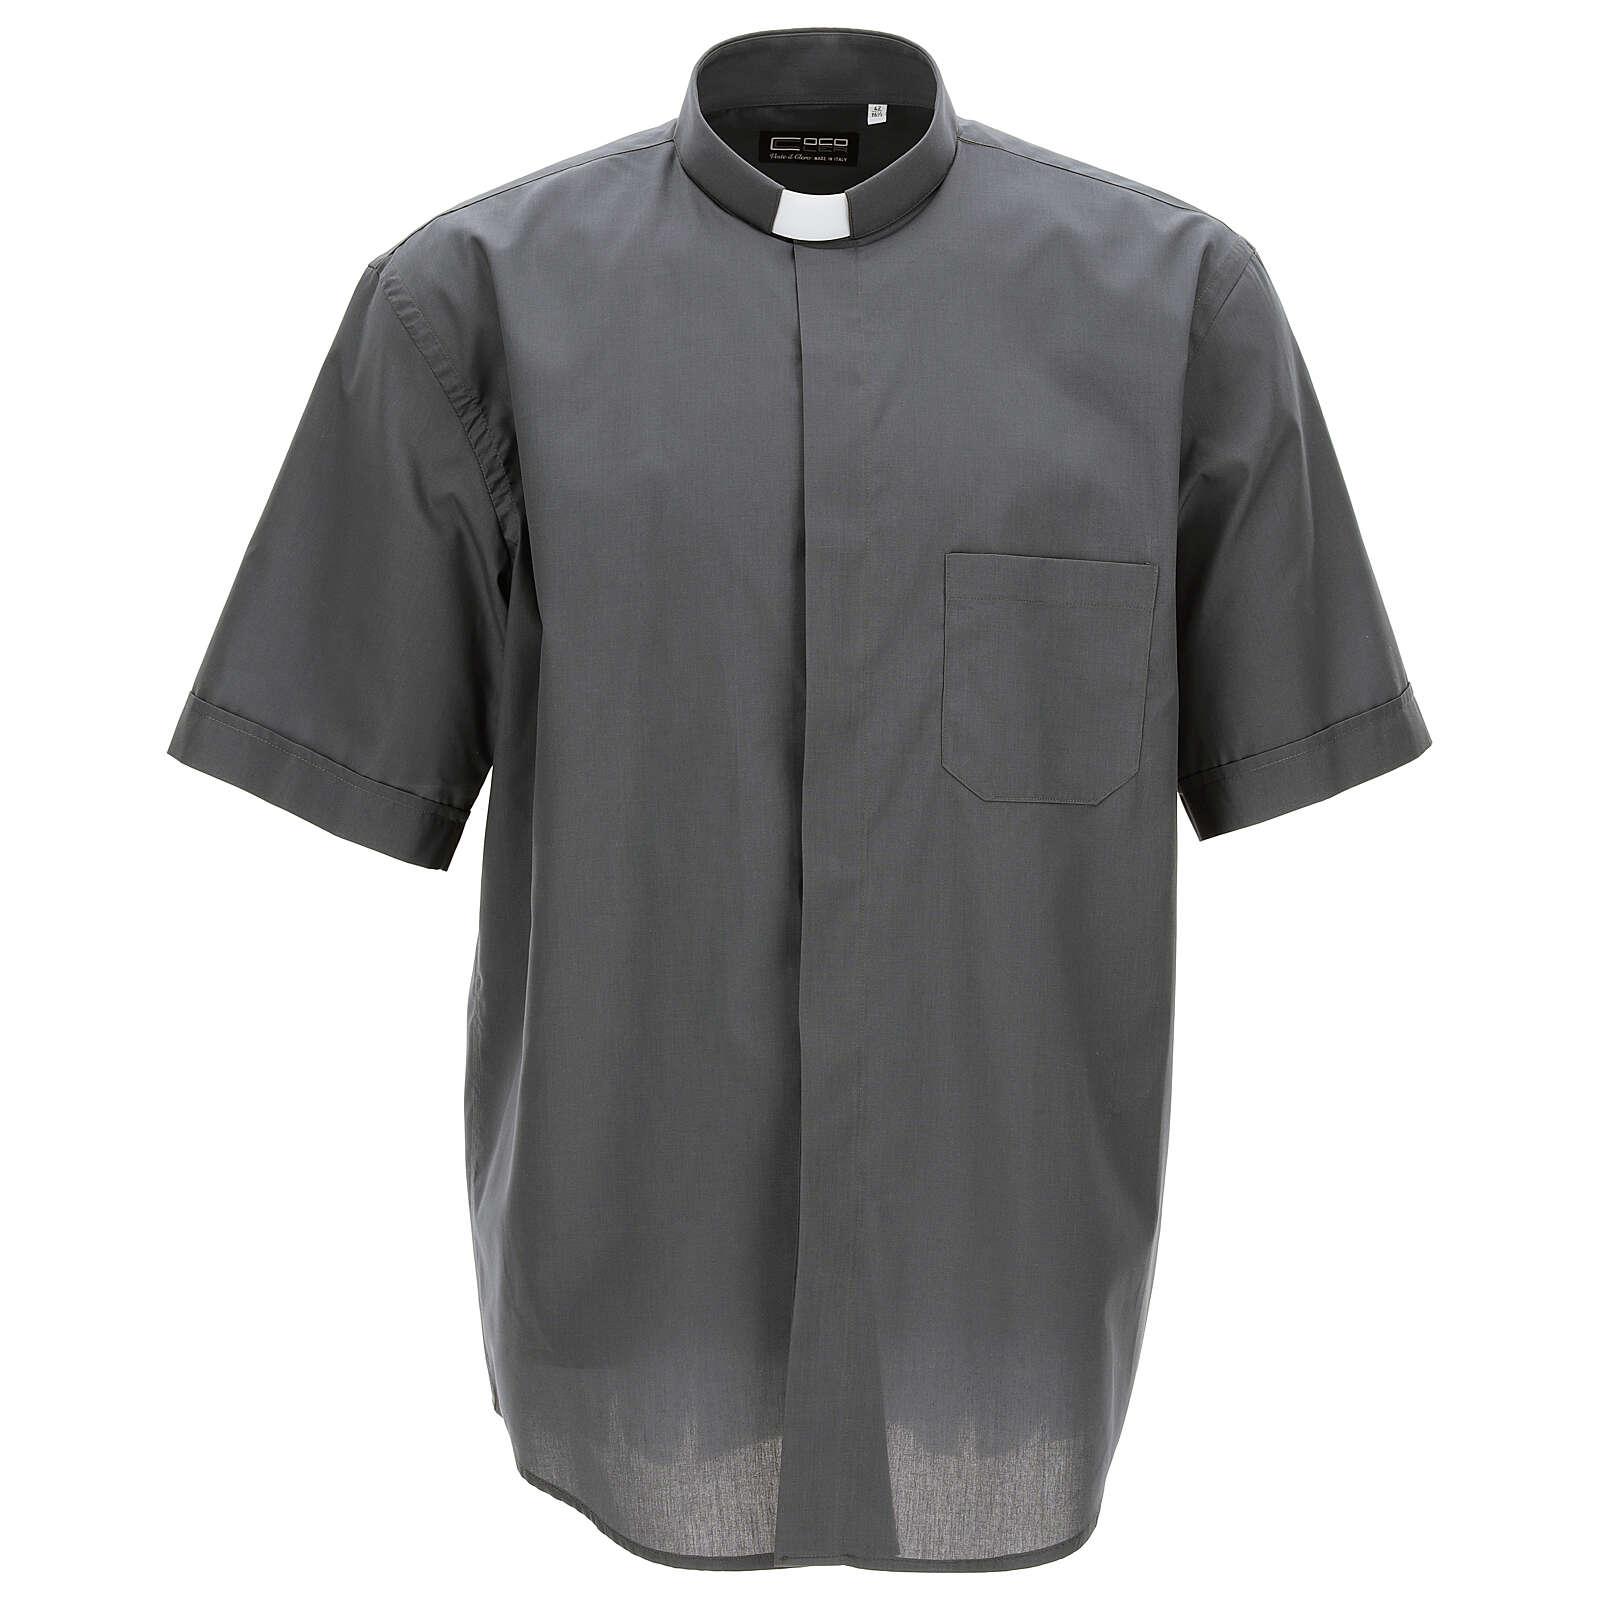 Camicia clergyman grigio scuro tinta unita manica corta 4